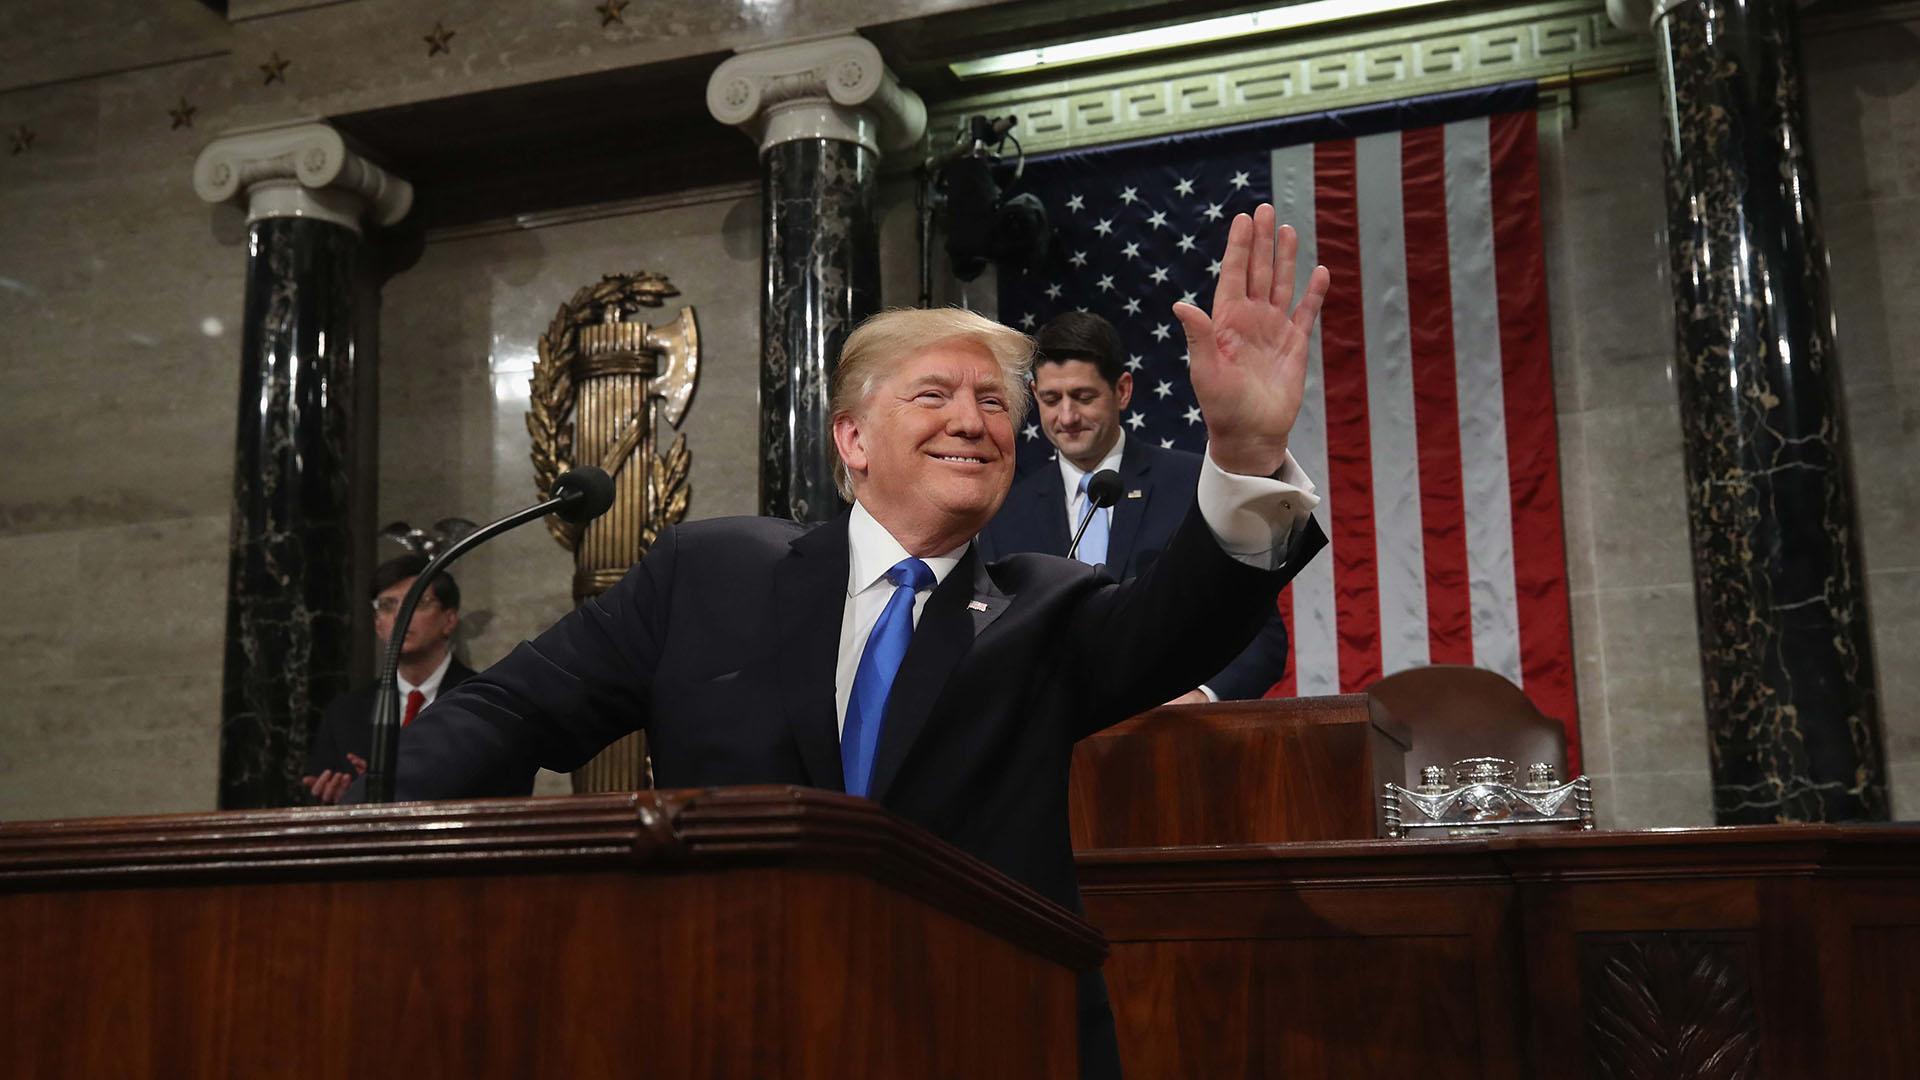 El presidente de los Estados Unidos, Donald Trump, durante su primer discurso sobre el Estado de la Unión. (REUTERS)